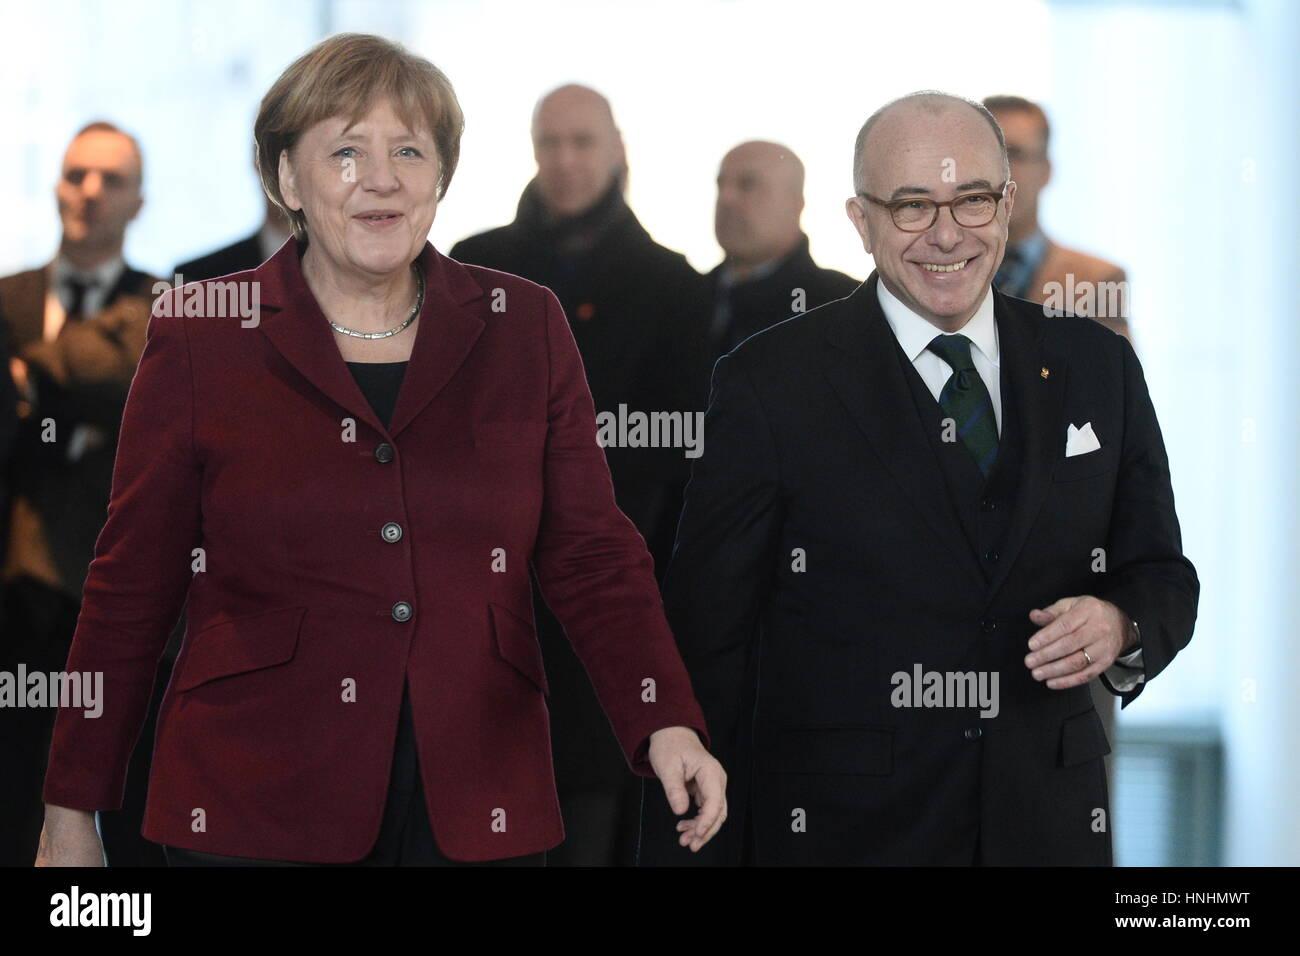 Bundeskanzlerin Angela Merkel (r) und der französische Premierminister Bernard Cazeneuve kommen am 13.02.2017 - Stock Image